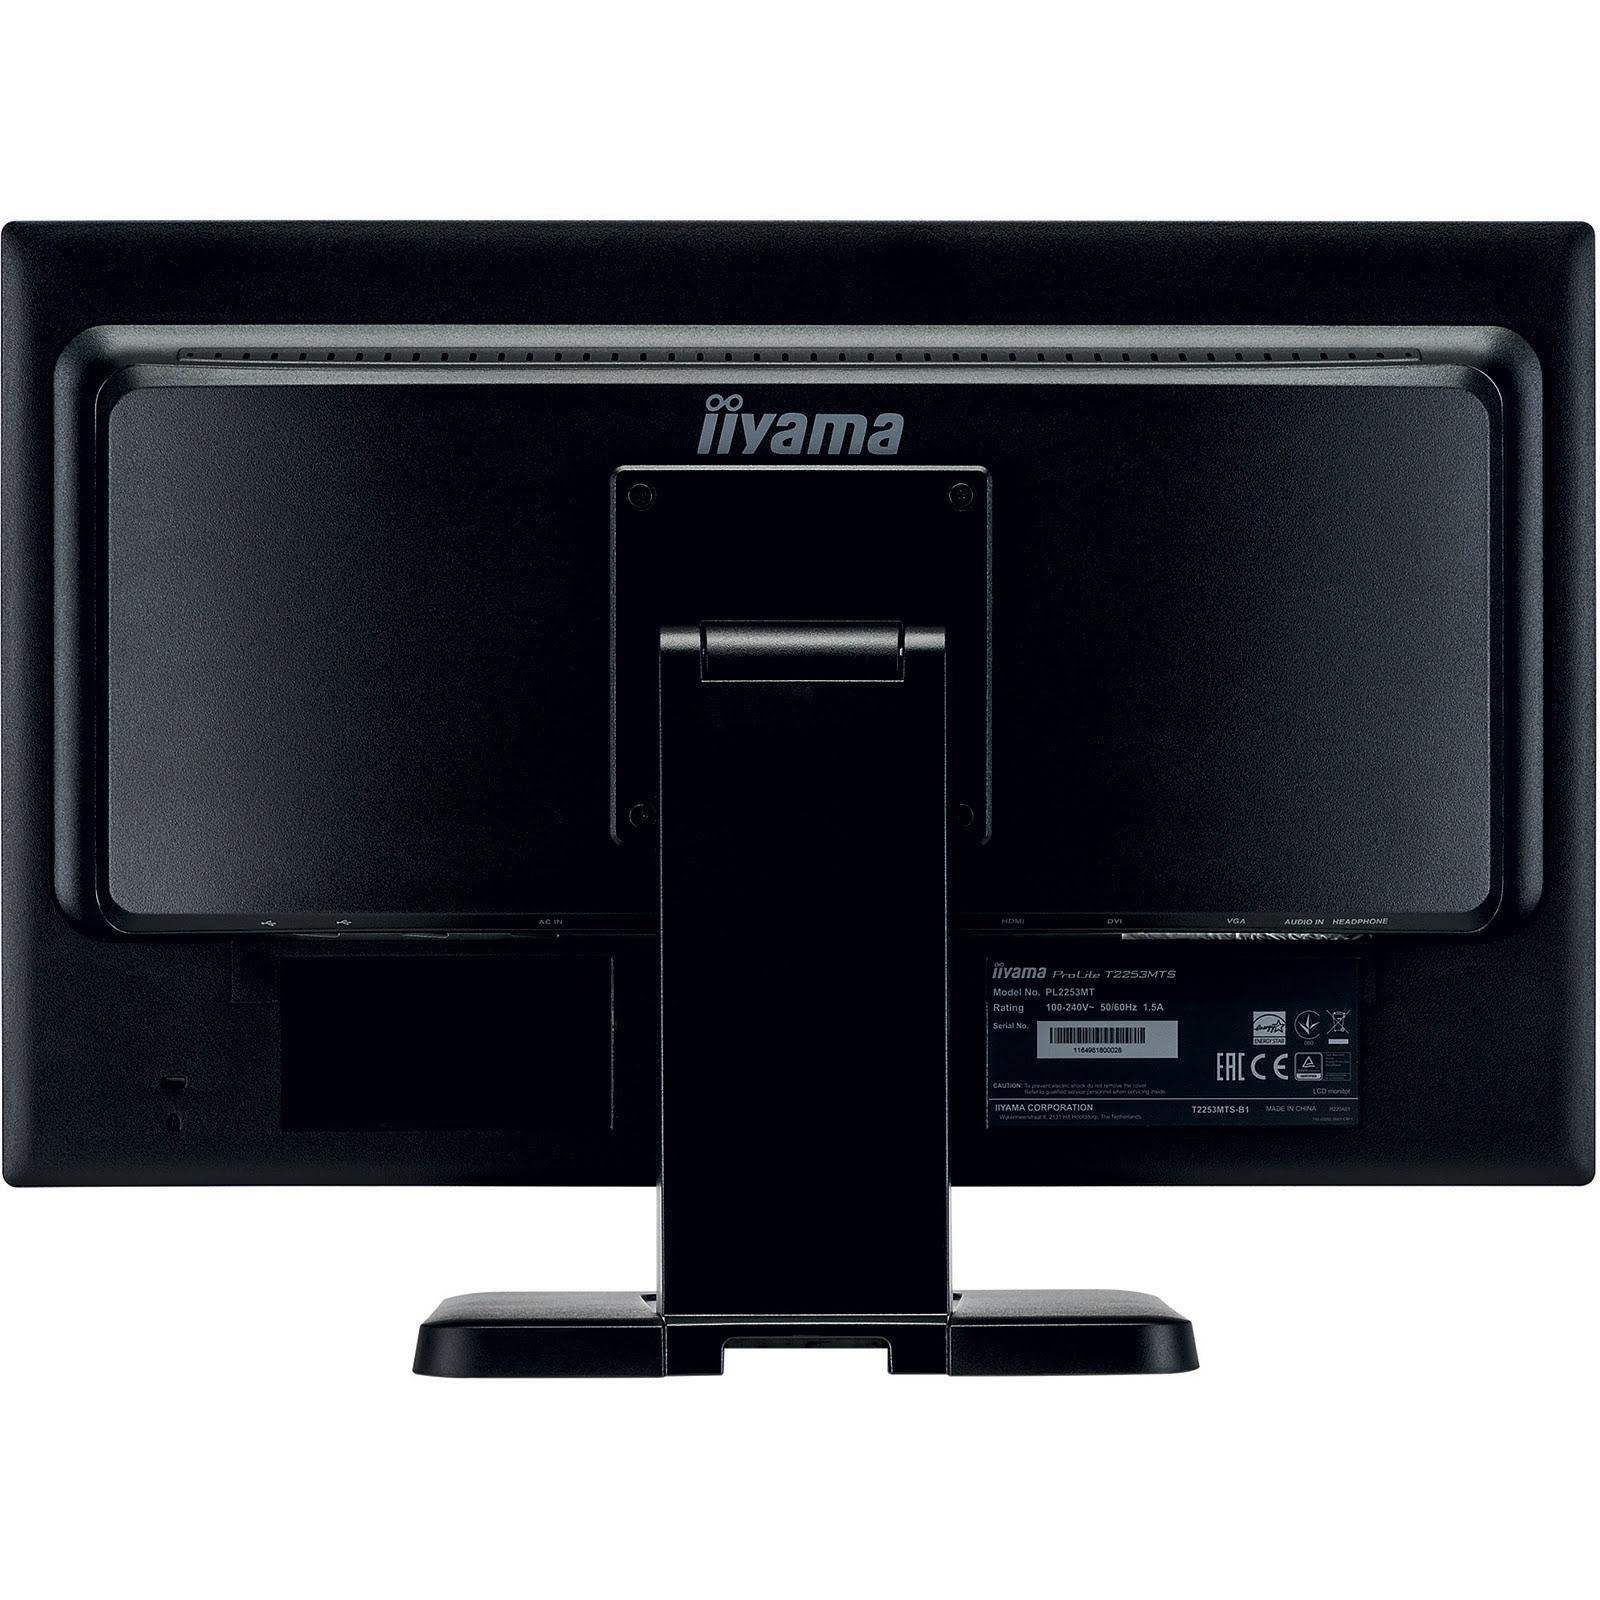 """Iiyama 22""""  T2253MTS-B1 - Ecran PC Iiyama - Cybertek.fr - 1"""